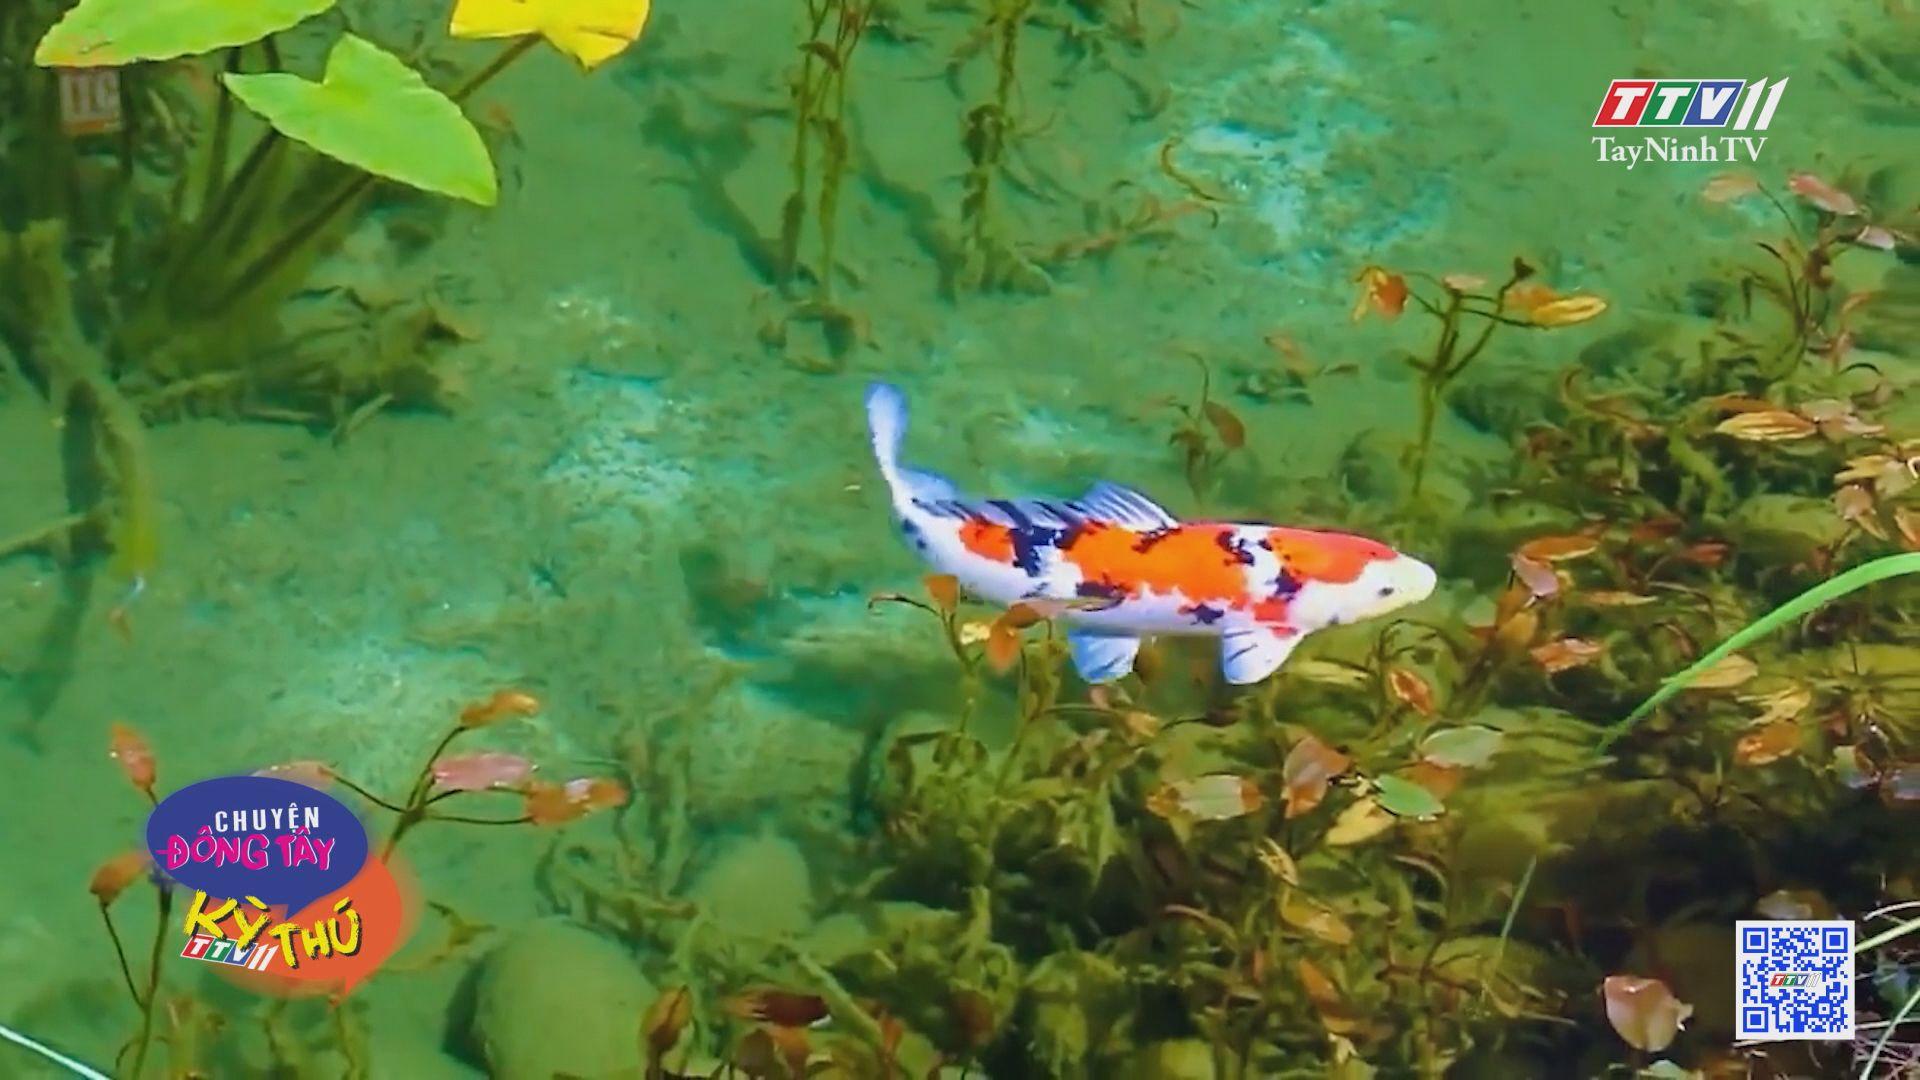 Hồ nước đẹp như tranh vẽ | CHUYỆN ĐÔNG TÂY KỲ THÚ | TayNinhTV